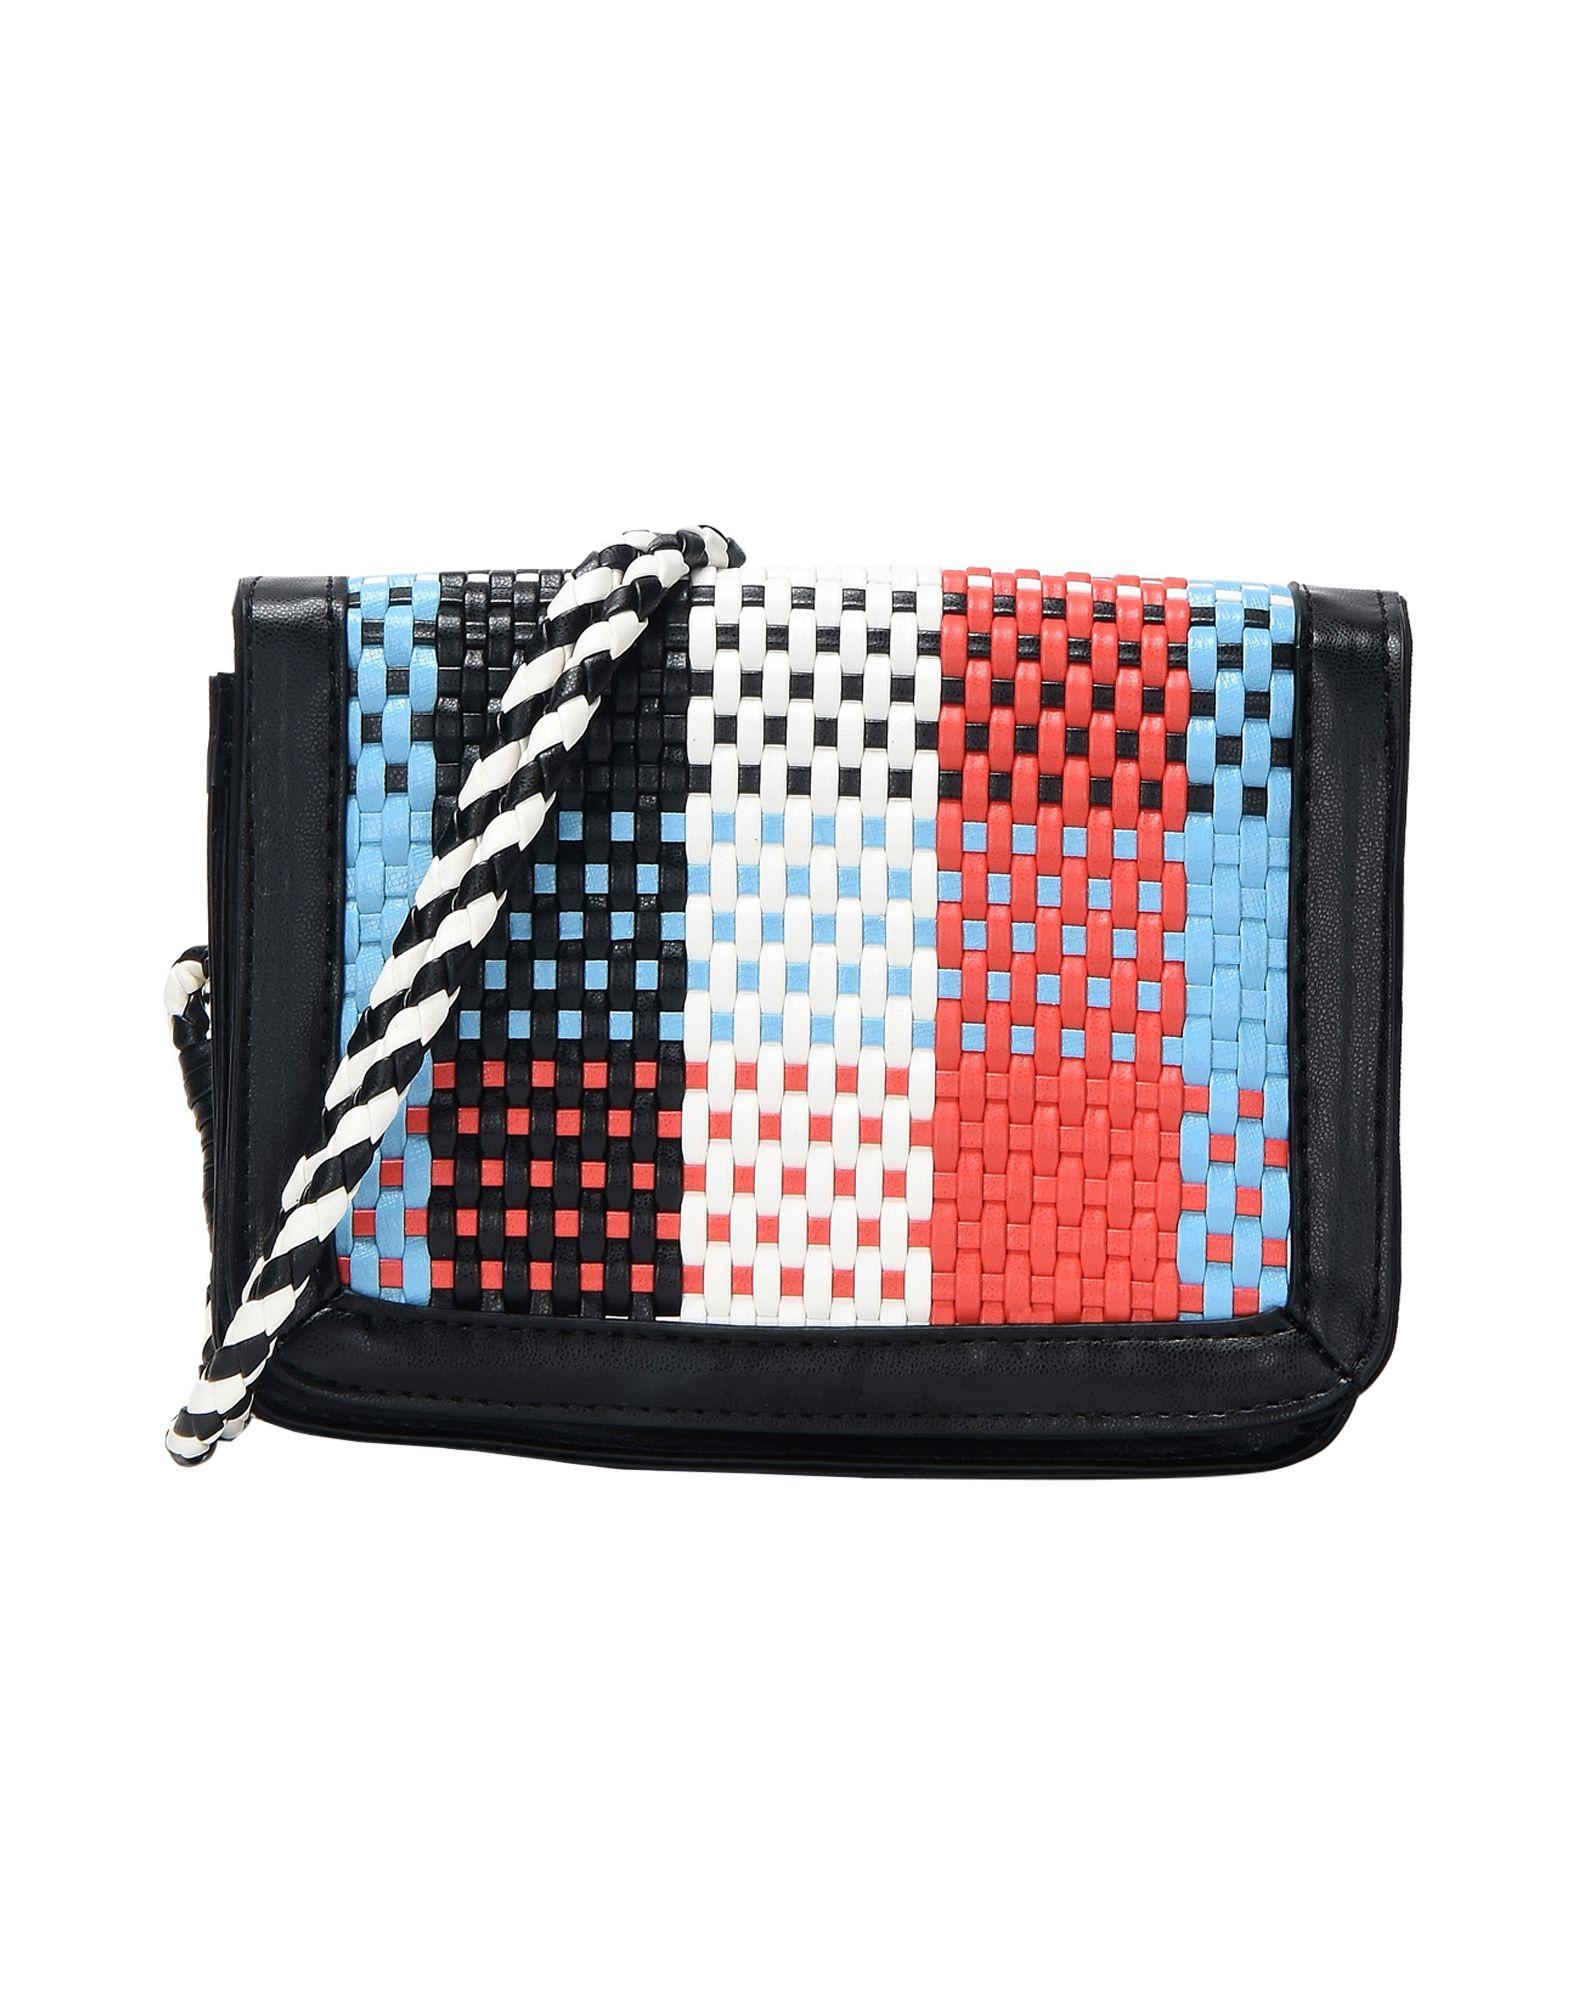 《送料無料》ESSENTIEL ANTWERP レディース メッセンジャーバッグ ブラック 80% ポリエステル 20% ポリウレタン Pagliari mini shoulderbag